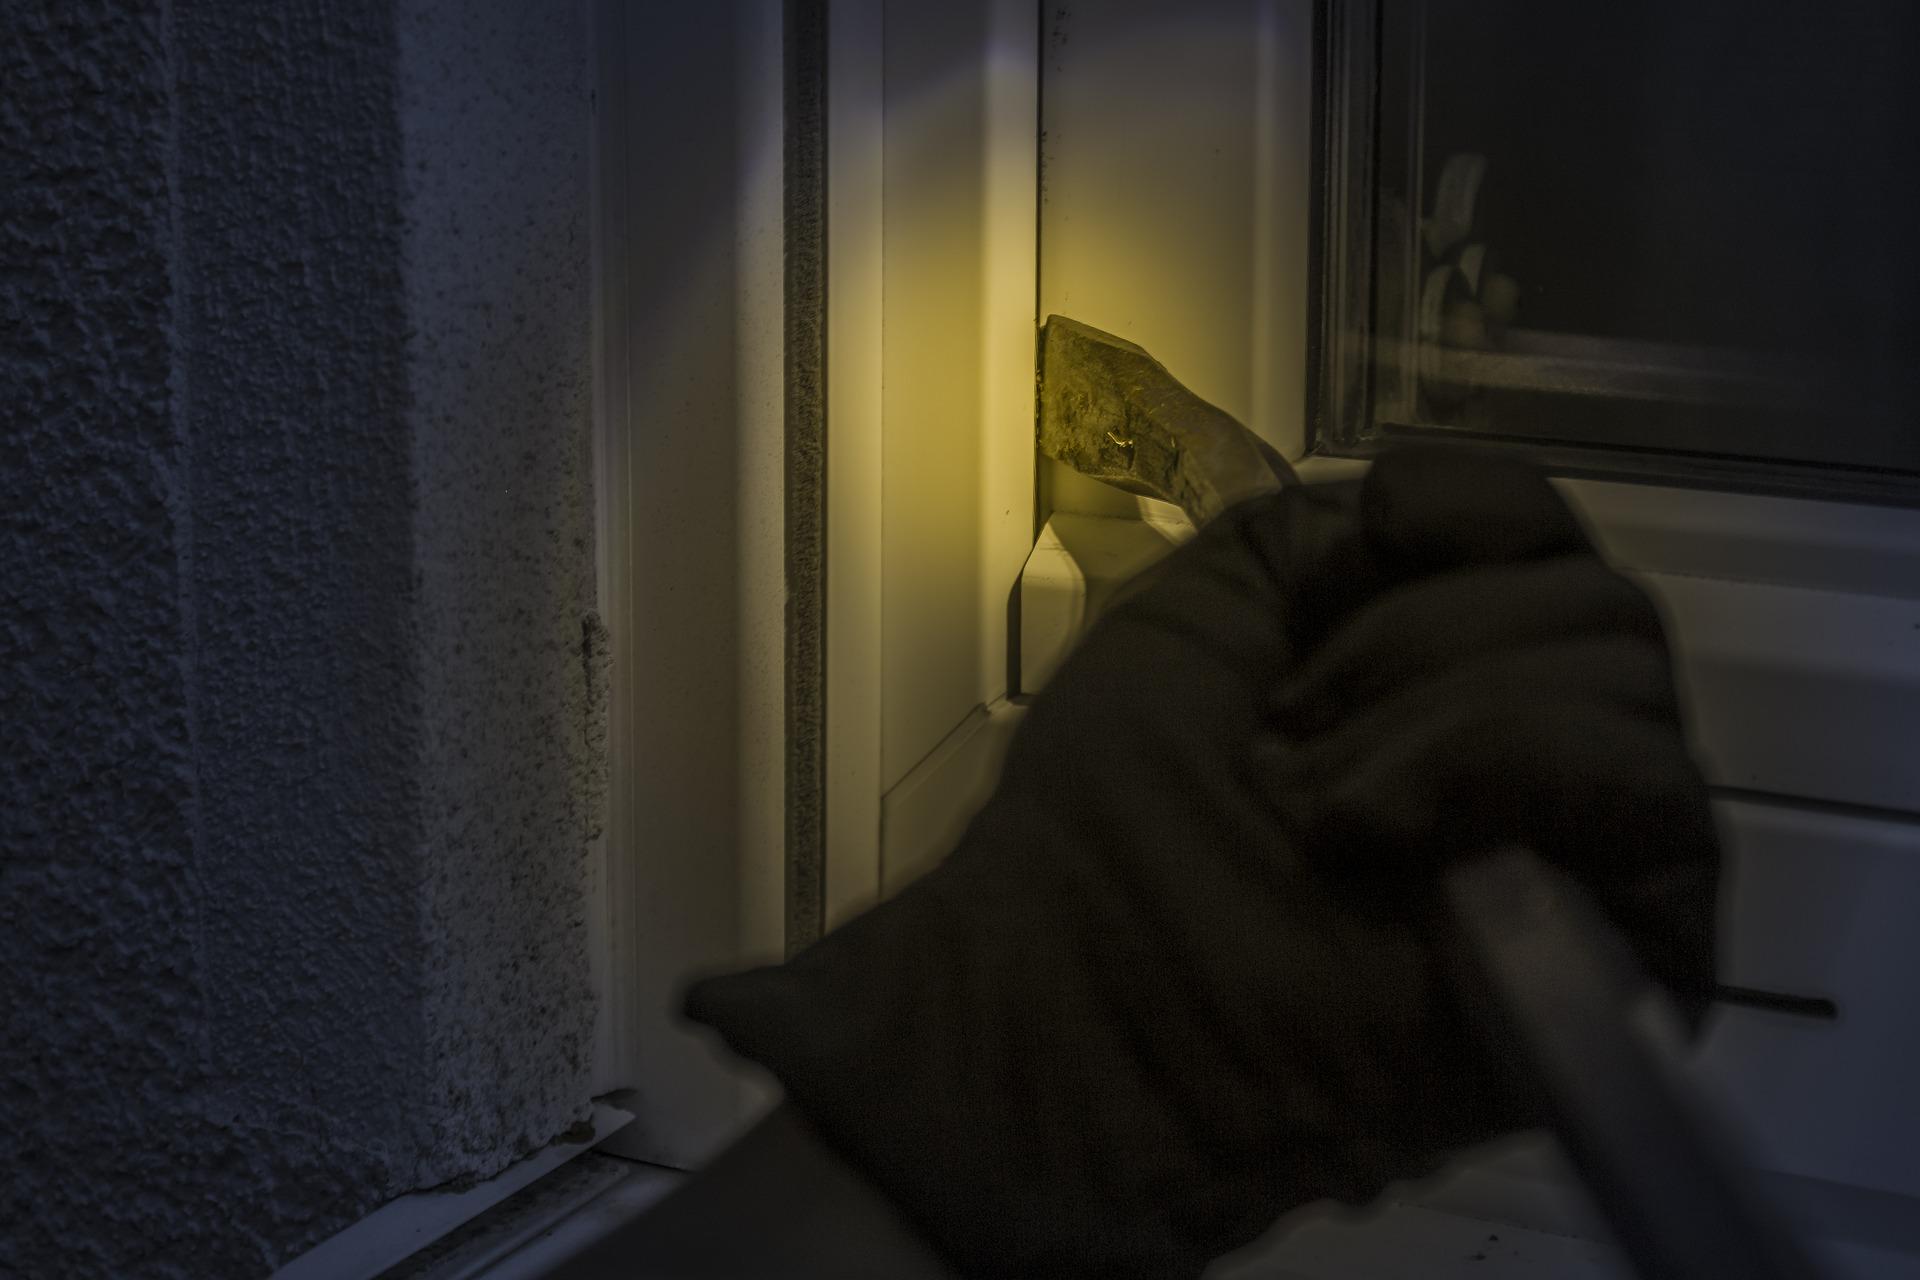 Polizei warnt eindringlich vor Einbrechern